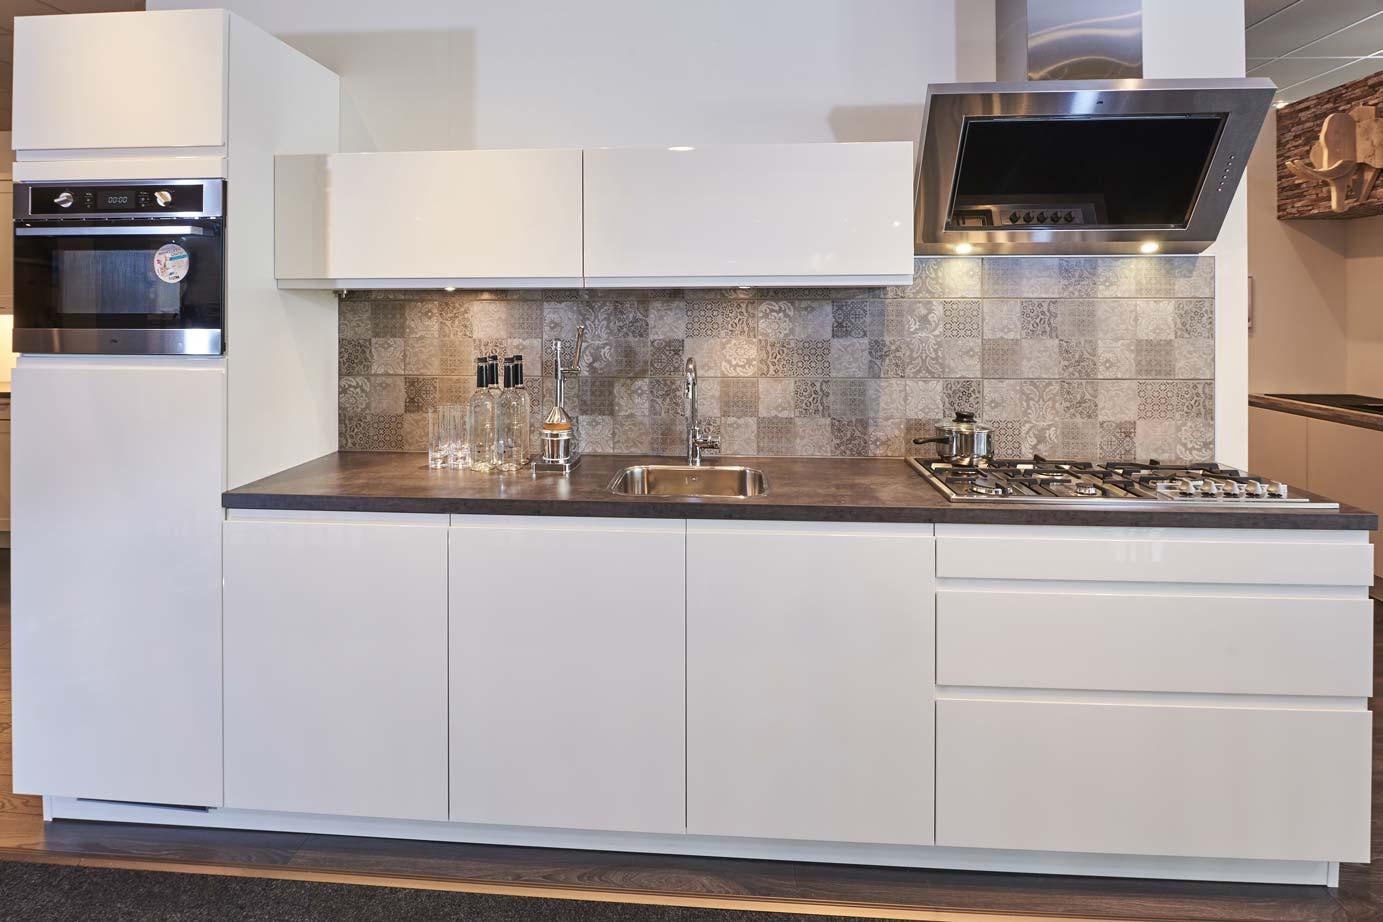 Design Keuken Greeploos : Greeploze keuken strak en modern design db keukens